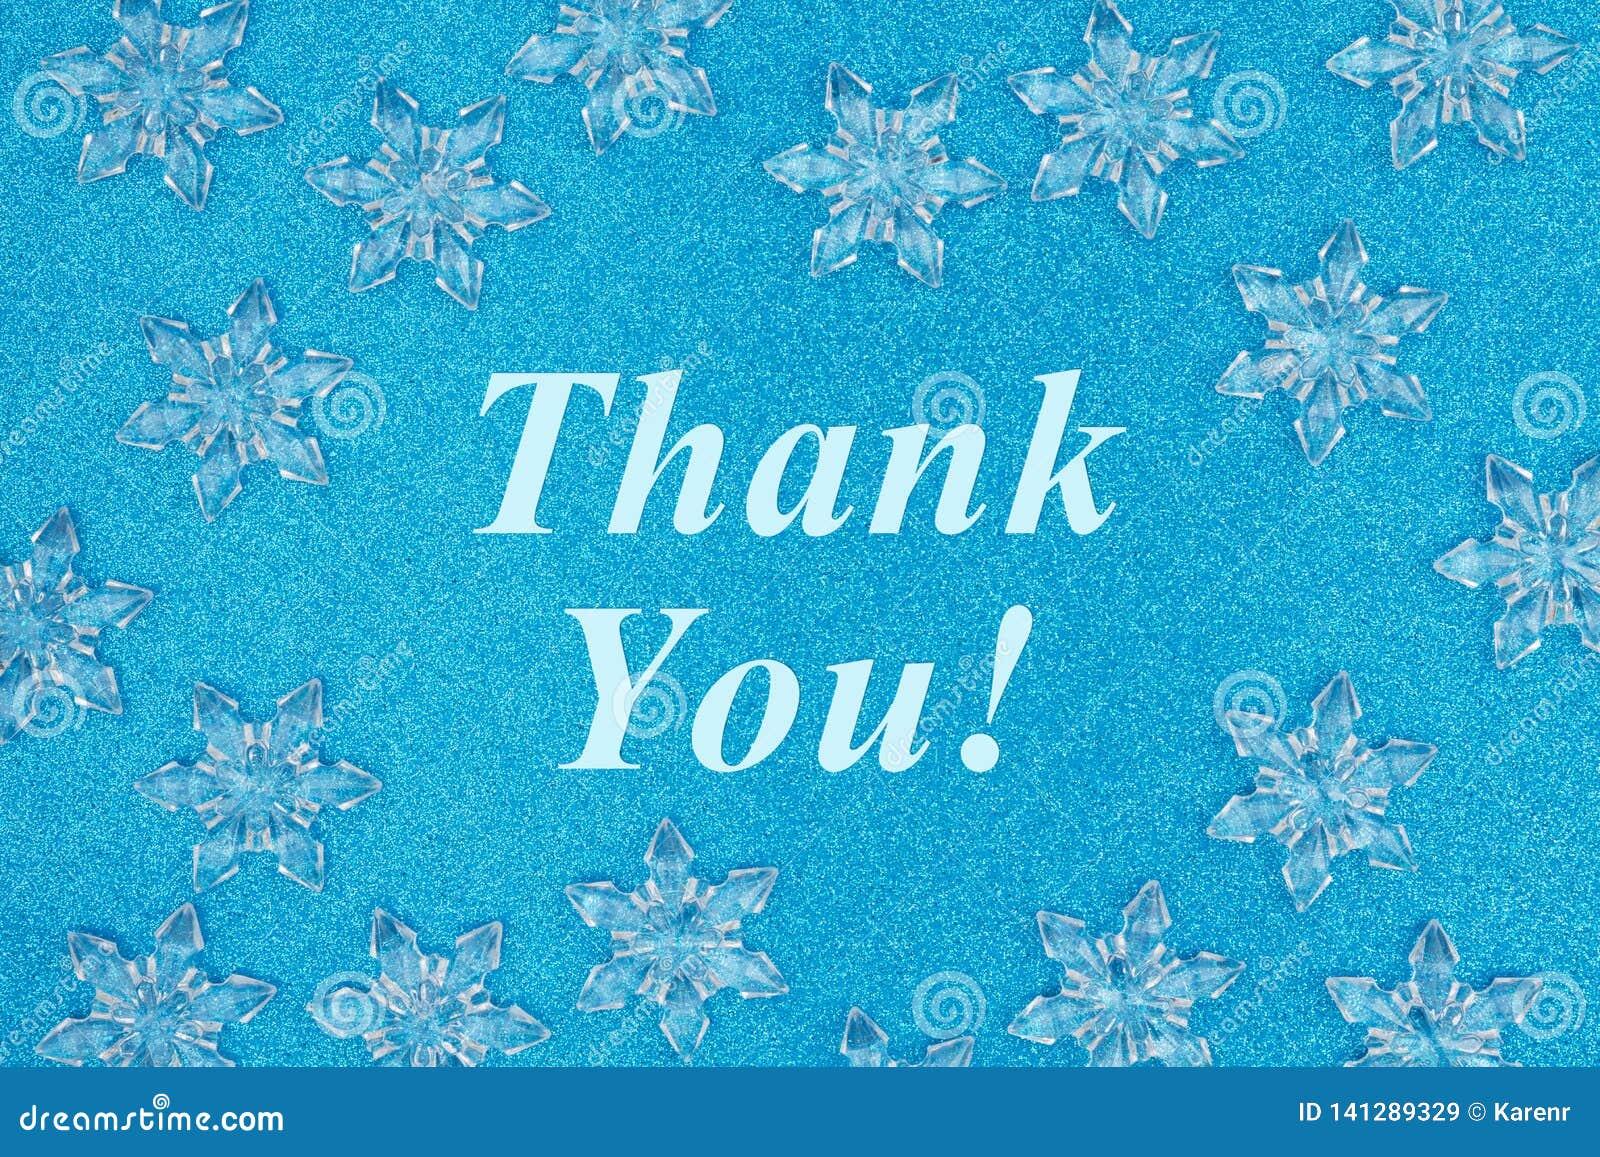 Dank u bericht met sneeuwvlokken